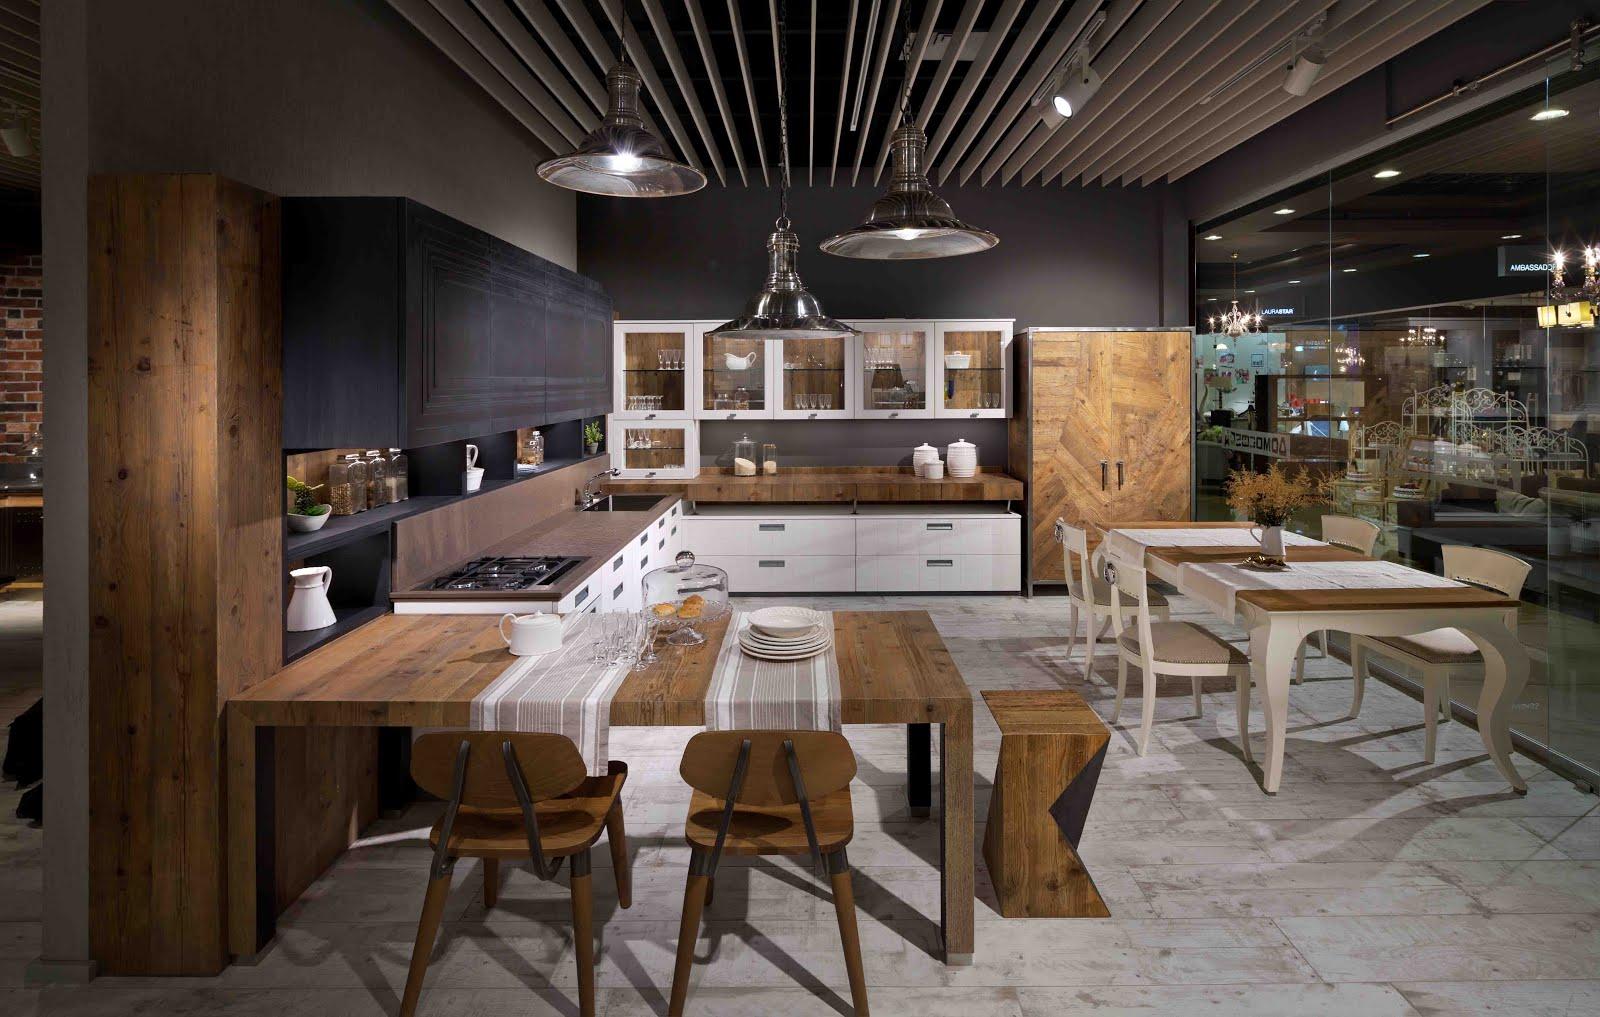 Arredo e design nuova apertura per marchi cucine - Cucine marchi group ...